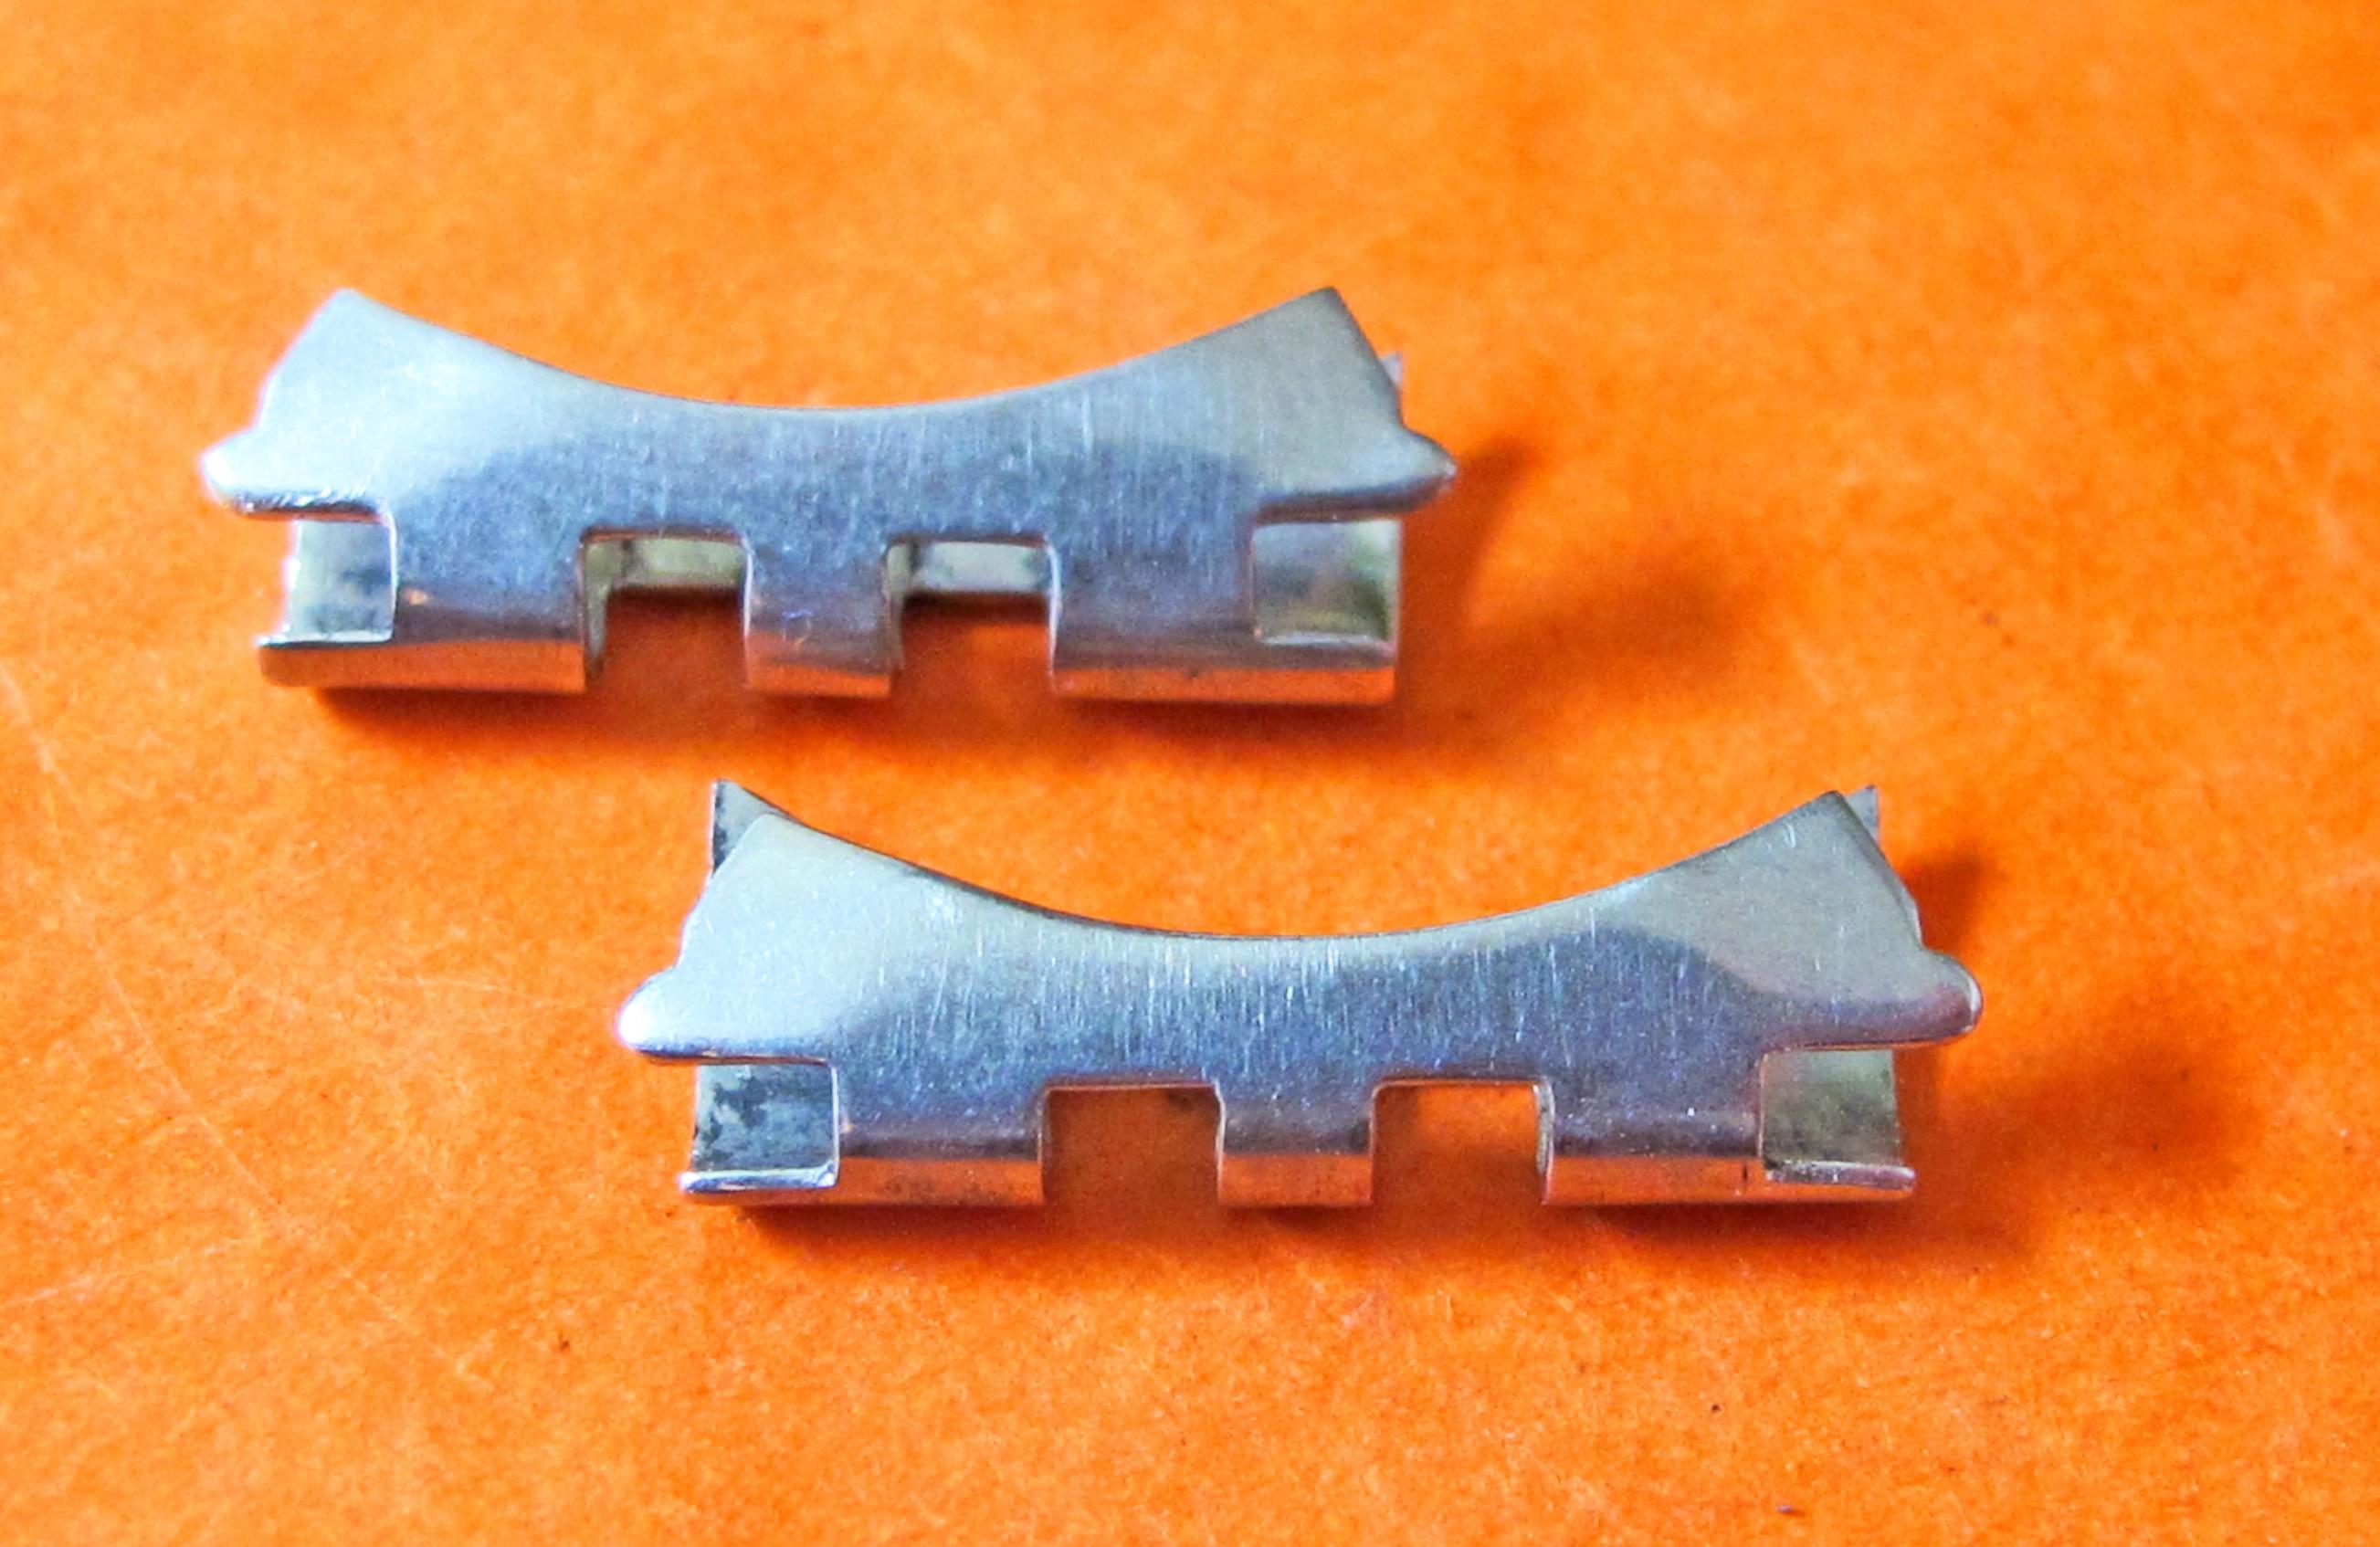 14K ROLEX ENDLINKS ENDPIECE OVAL BRACELET JUBILEE 20mm SSTEEL / GOLD 20mm